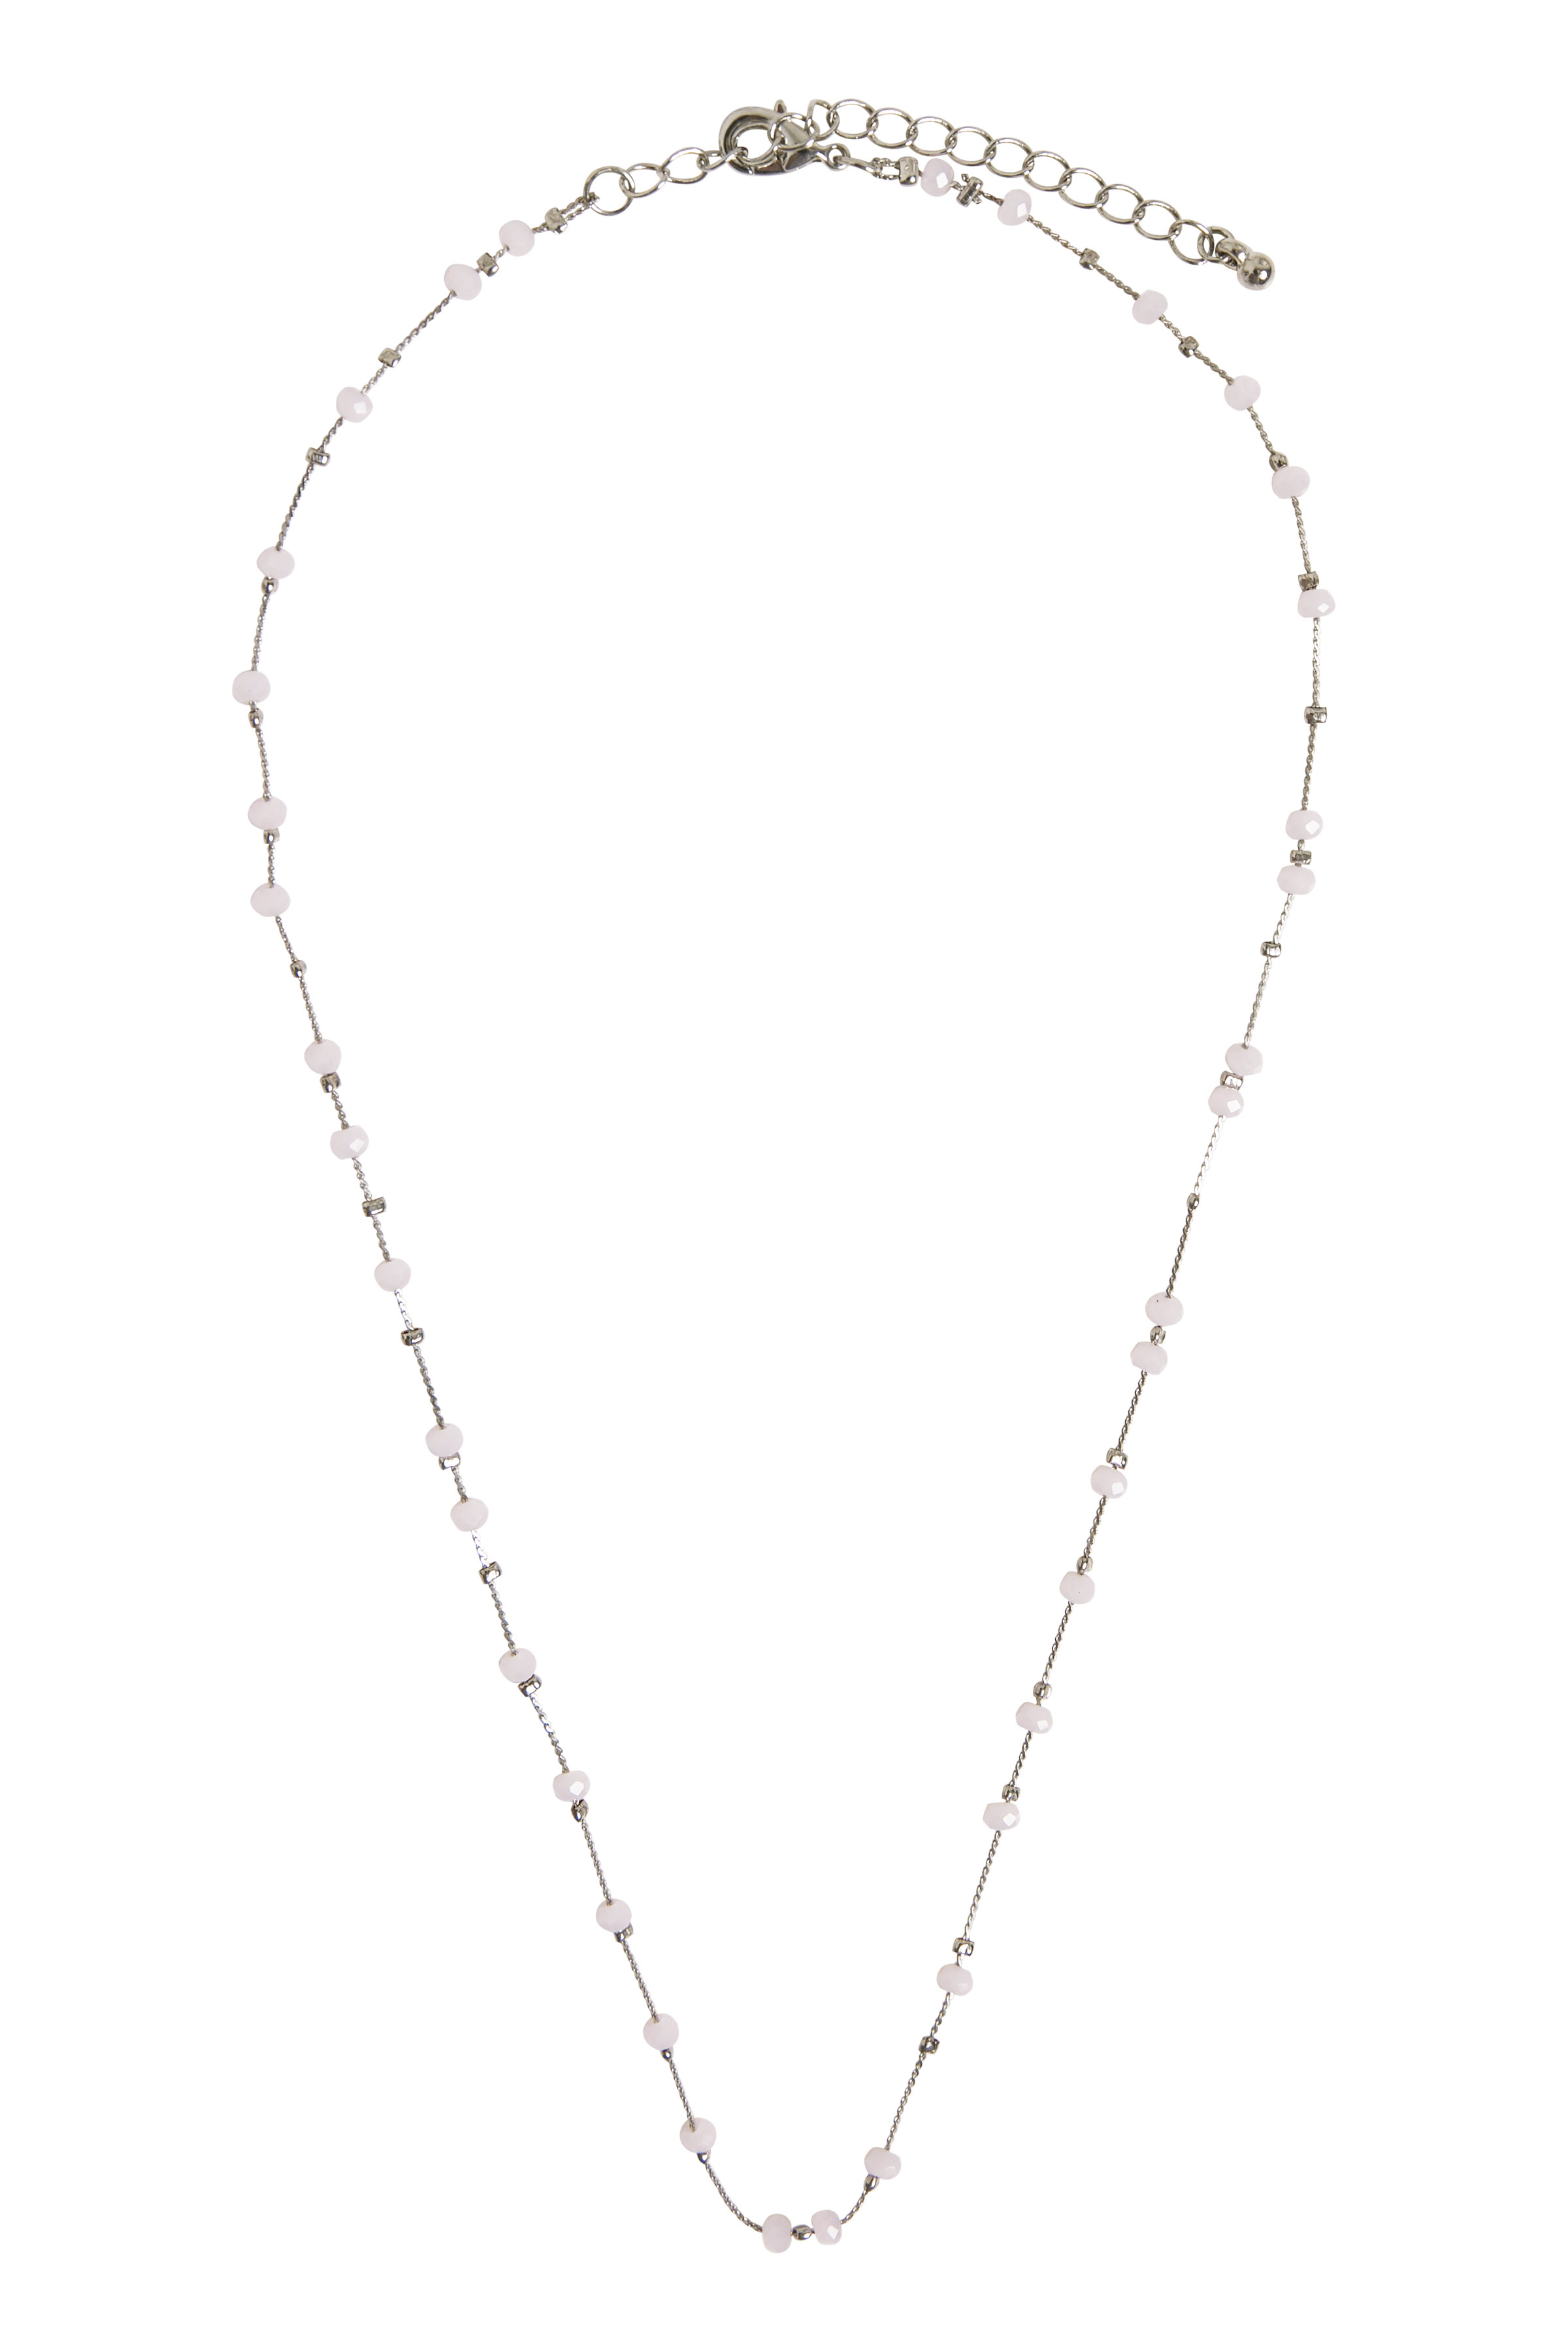 Sølv Halskæde  fra Fransa – Køb Sølv Halskæde  fra str. ONE her